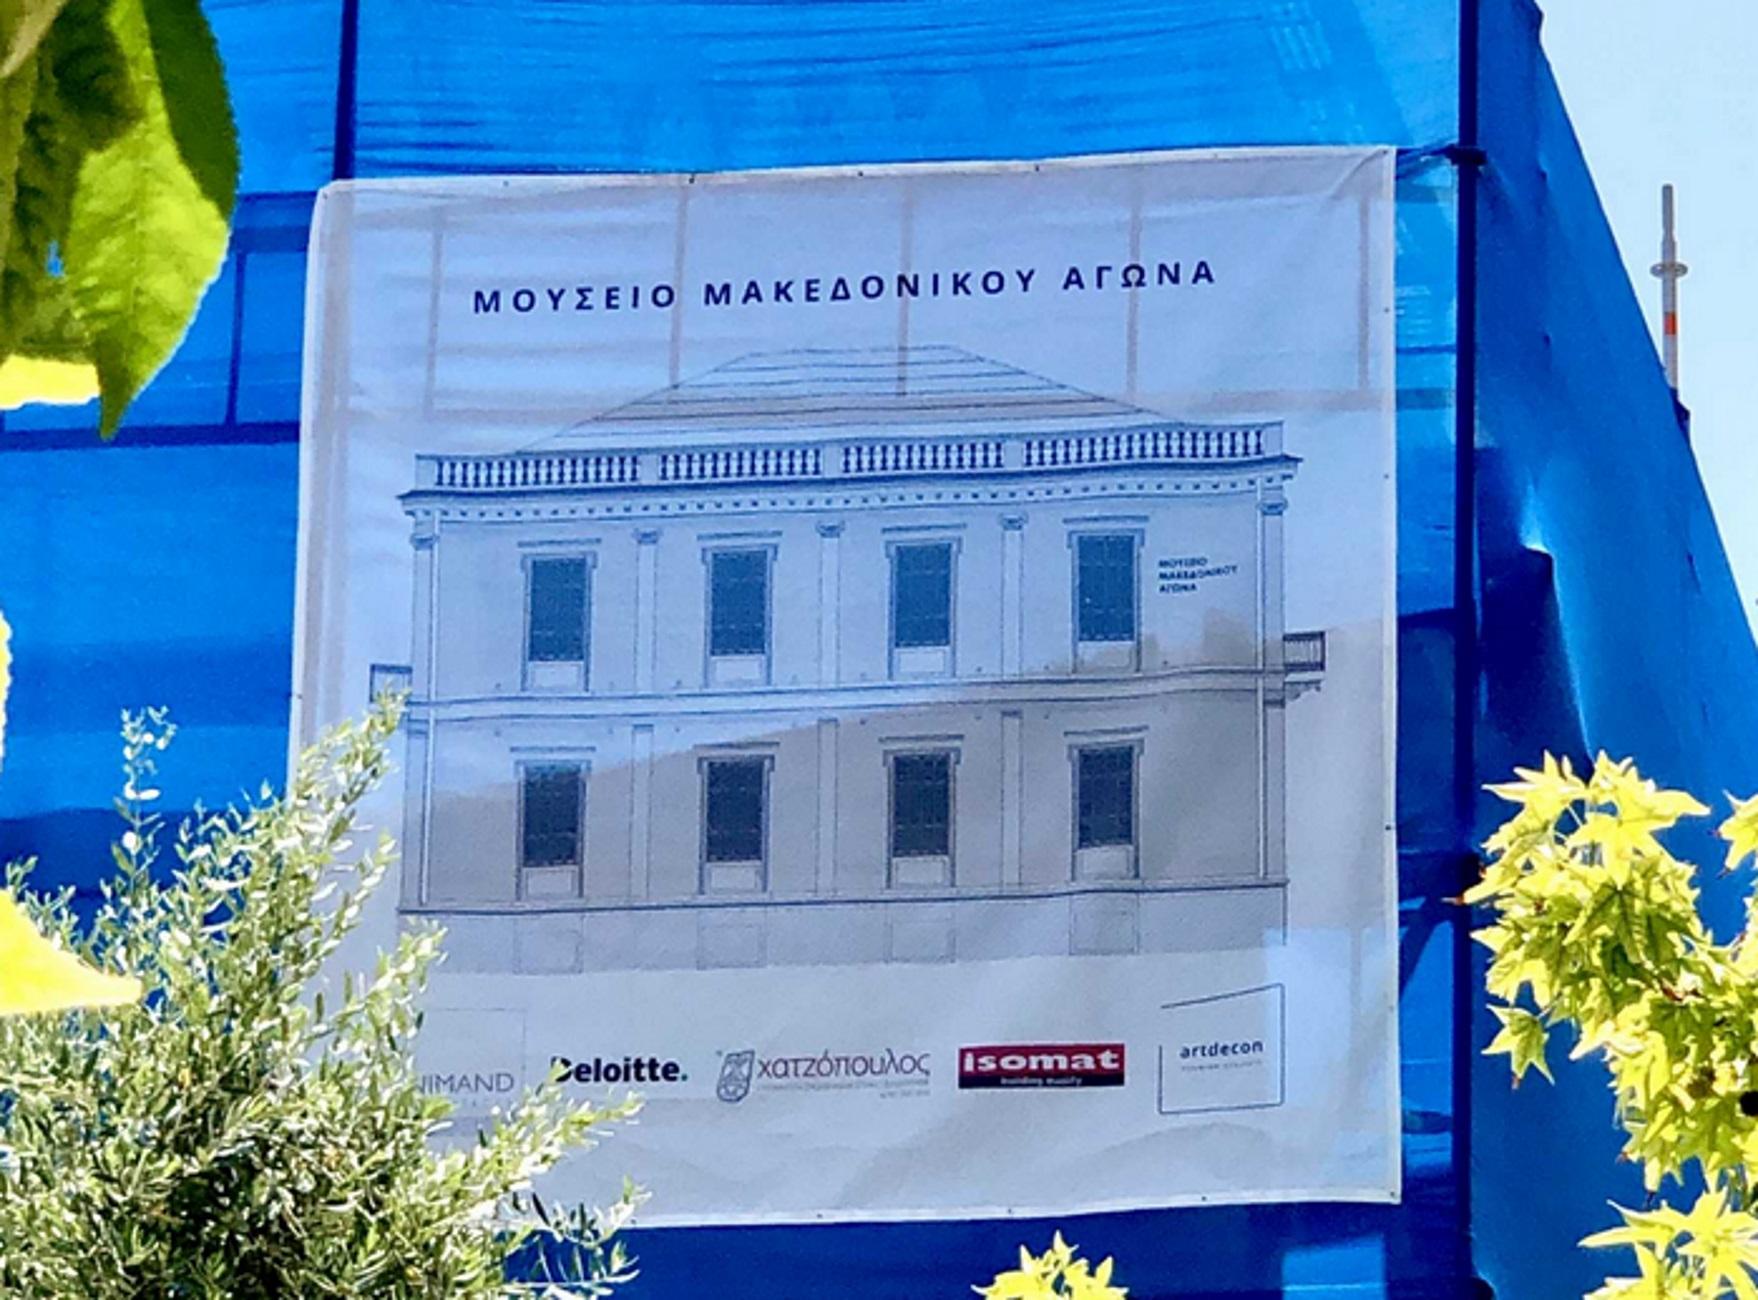 Θεσσαλονίκη: «Λίφτινγκ» στο μουσείο Μακεδονικού Αγώνα – Δείτε πως θα γίνει μετά από λίγους μήνες